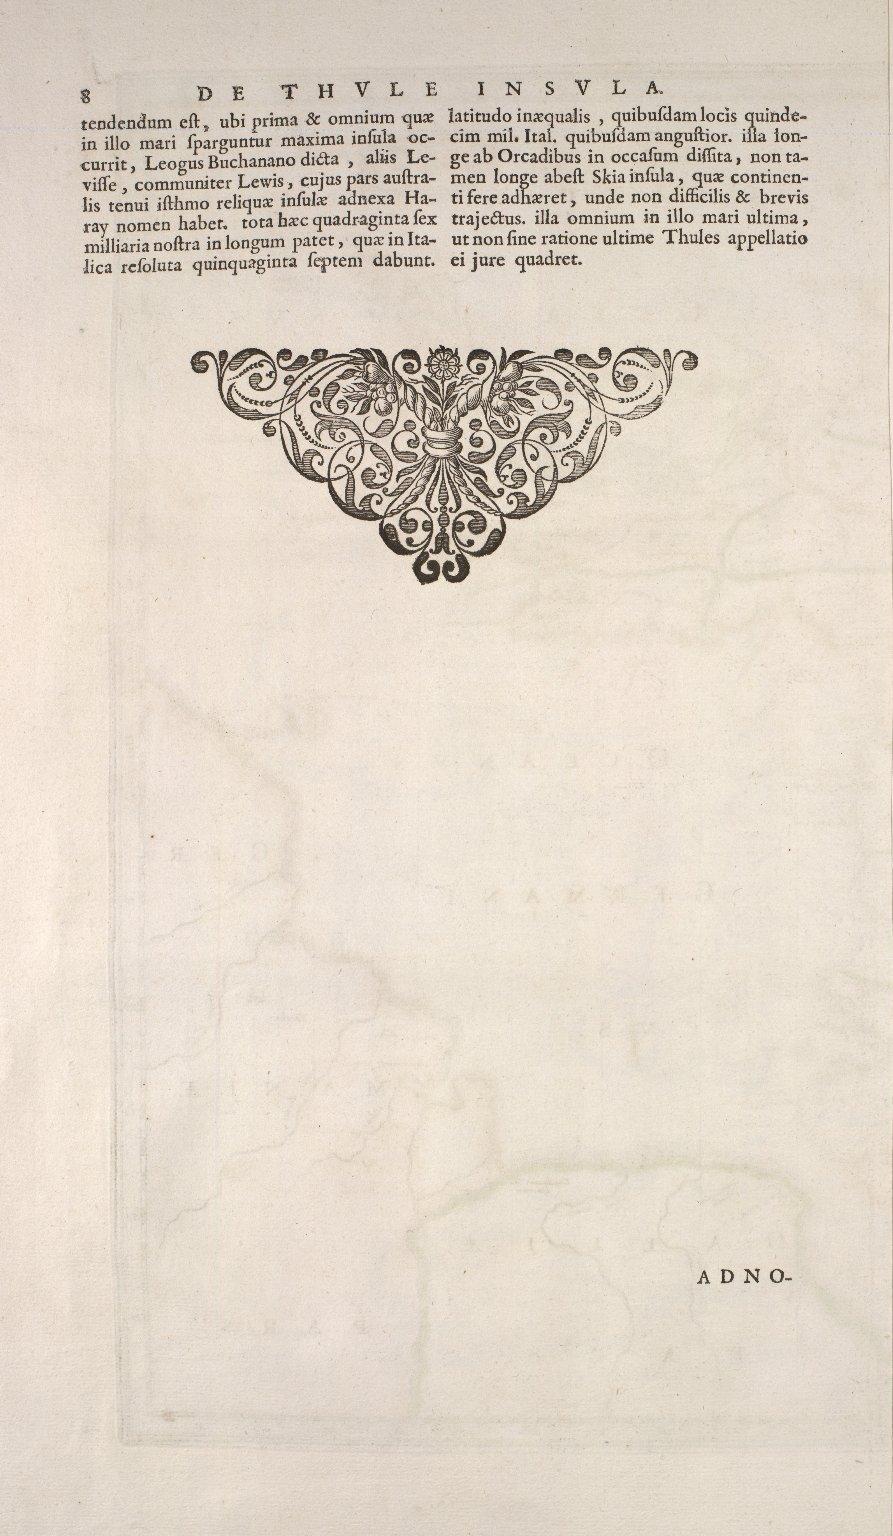 Insululae Albion et Hibernia cum minoribus adjacentibus [3 of 3]